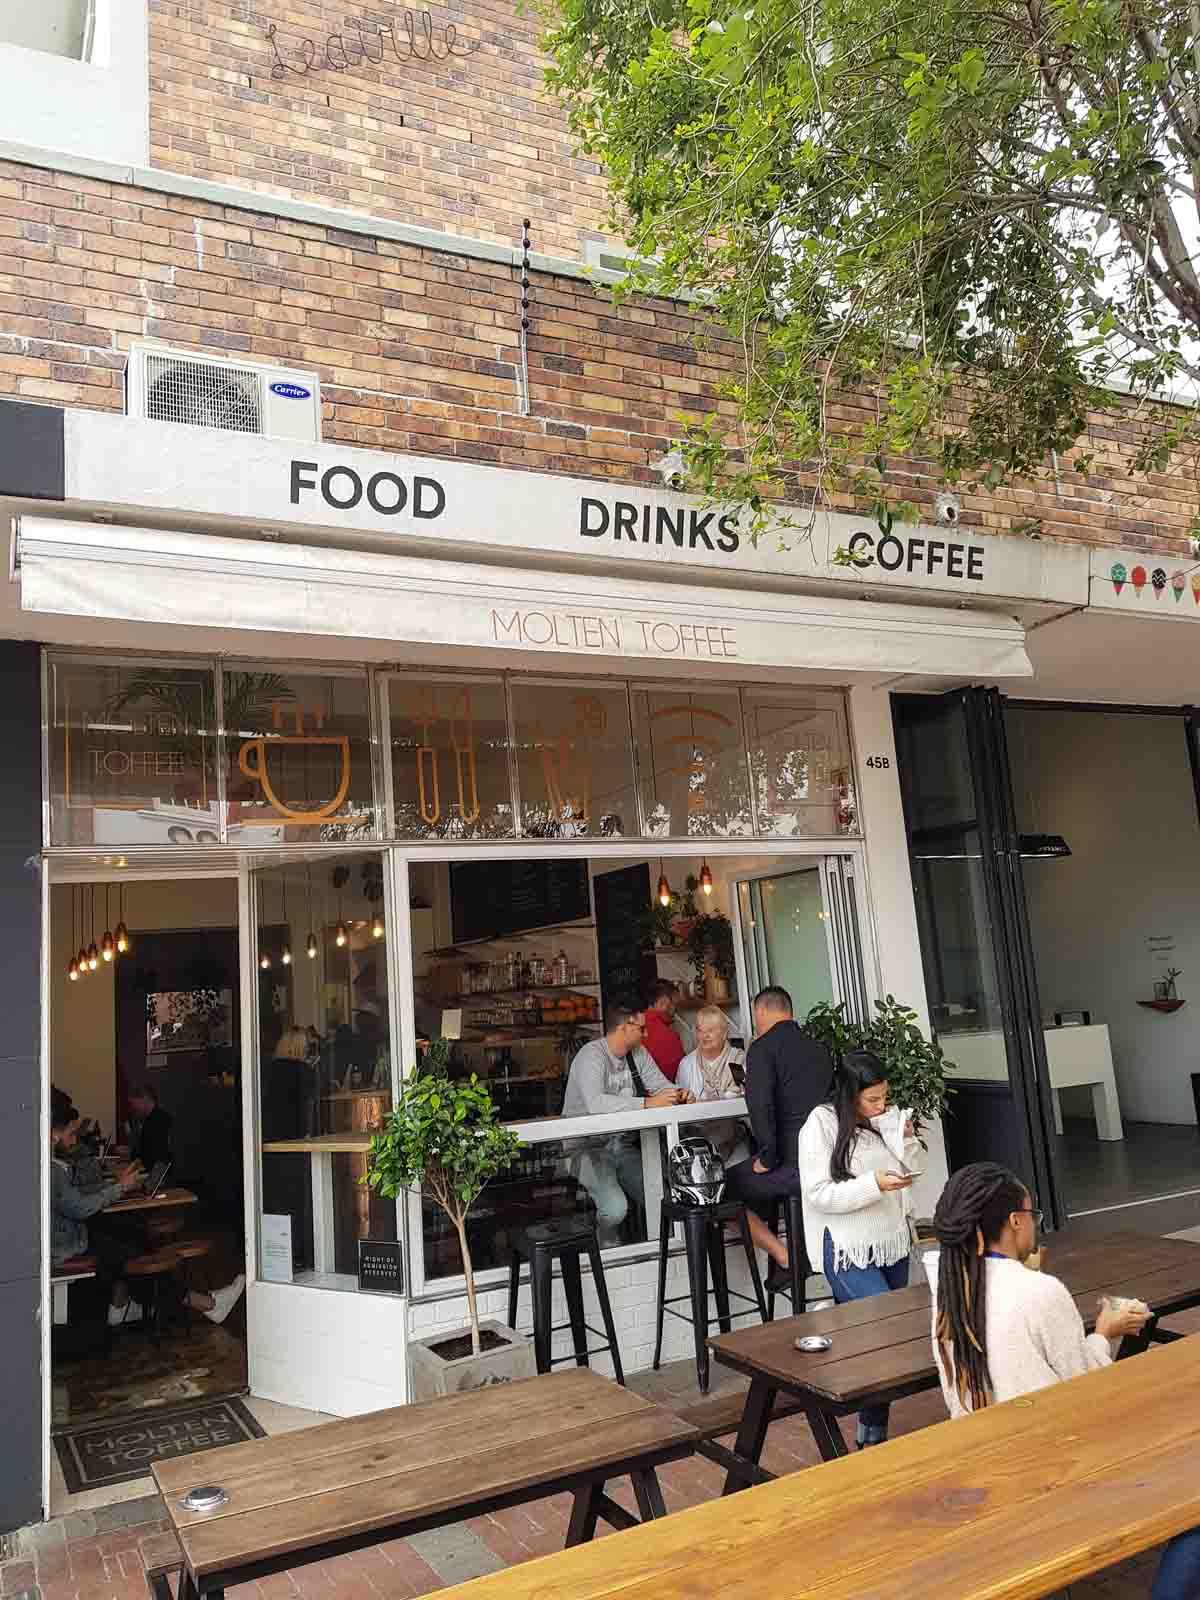 24x eten en drinken in het centrum van Kaapstad bij de leukste adresjes, Molten Toffee - Map of Joy